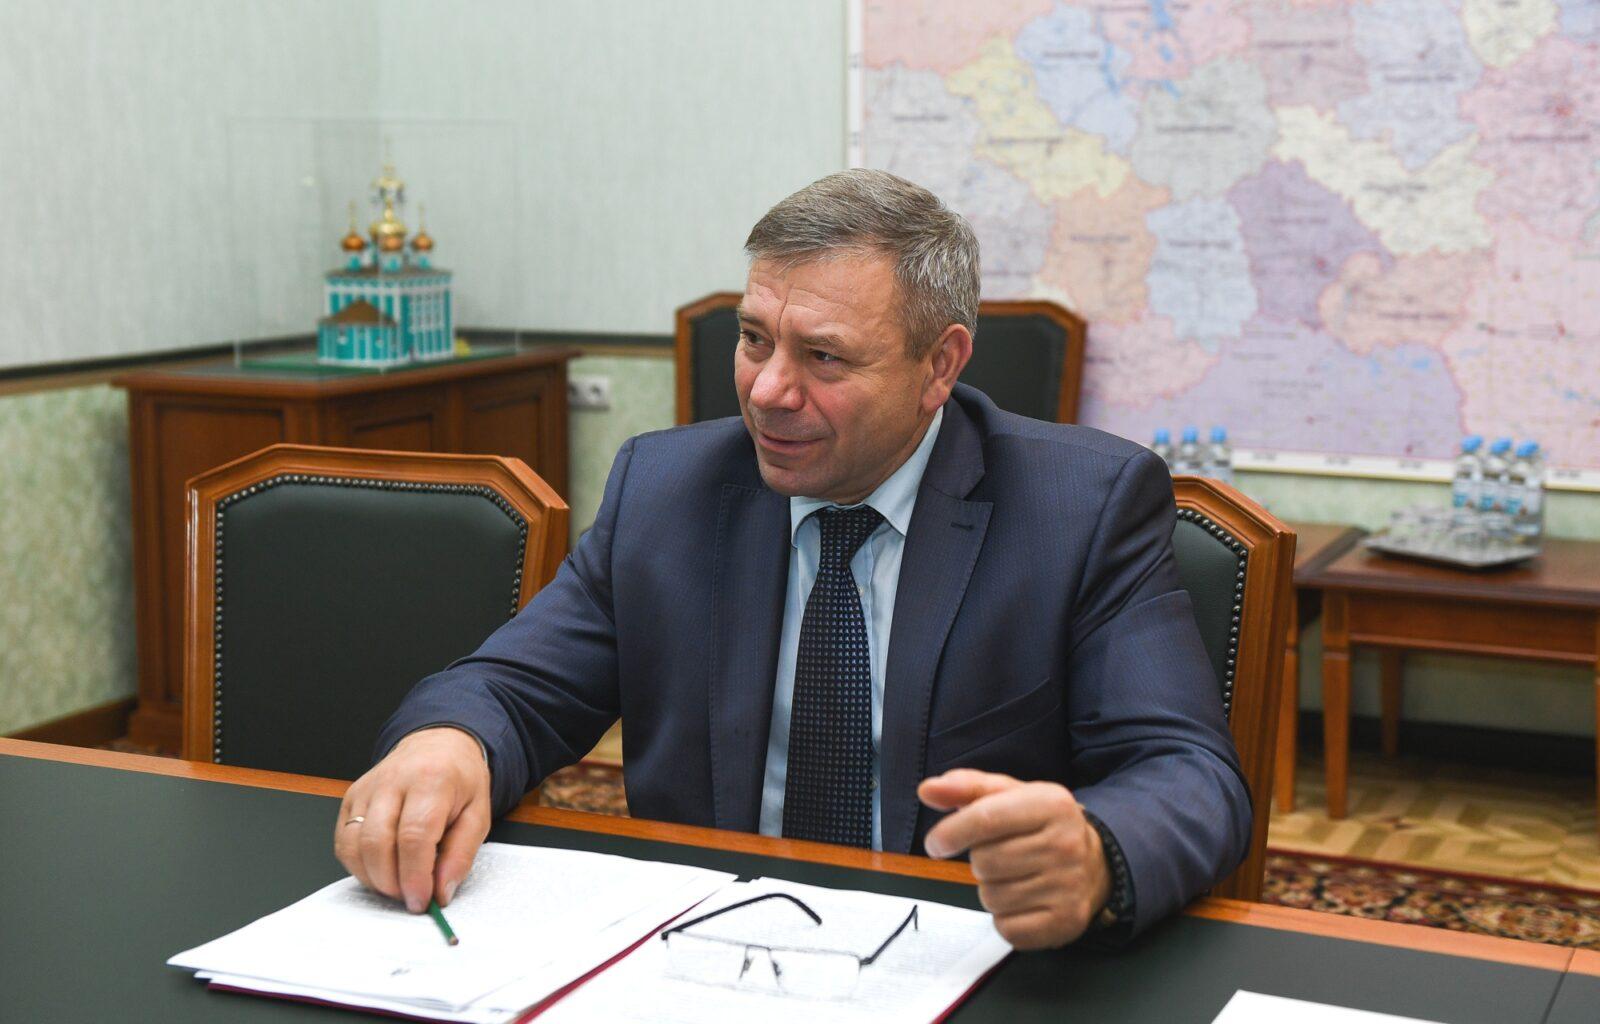 Константин Ильин: Иностранные инвесторы могут использовать в производстве новые для нас технологии